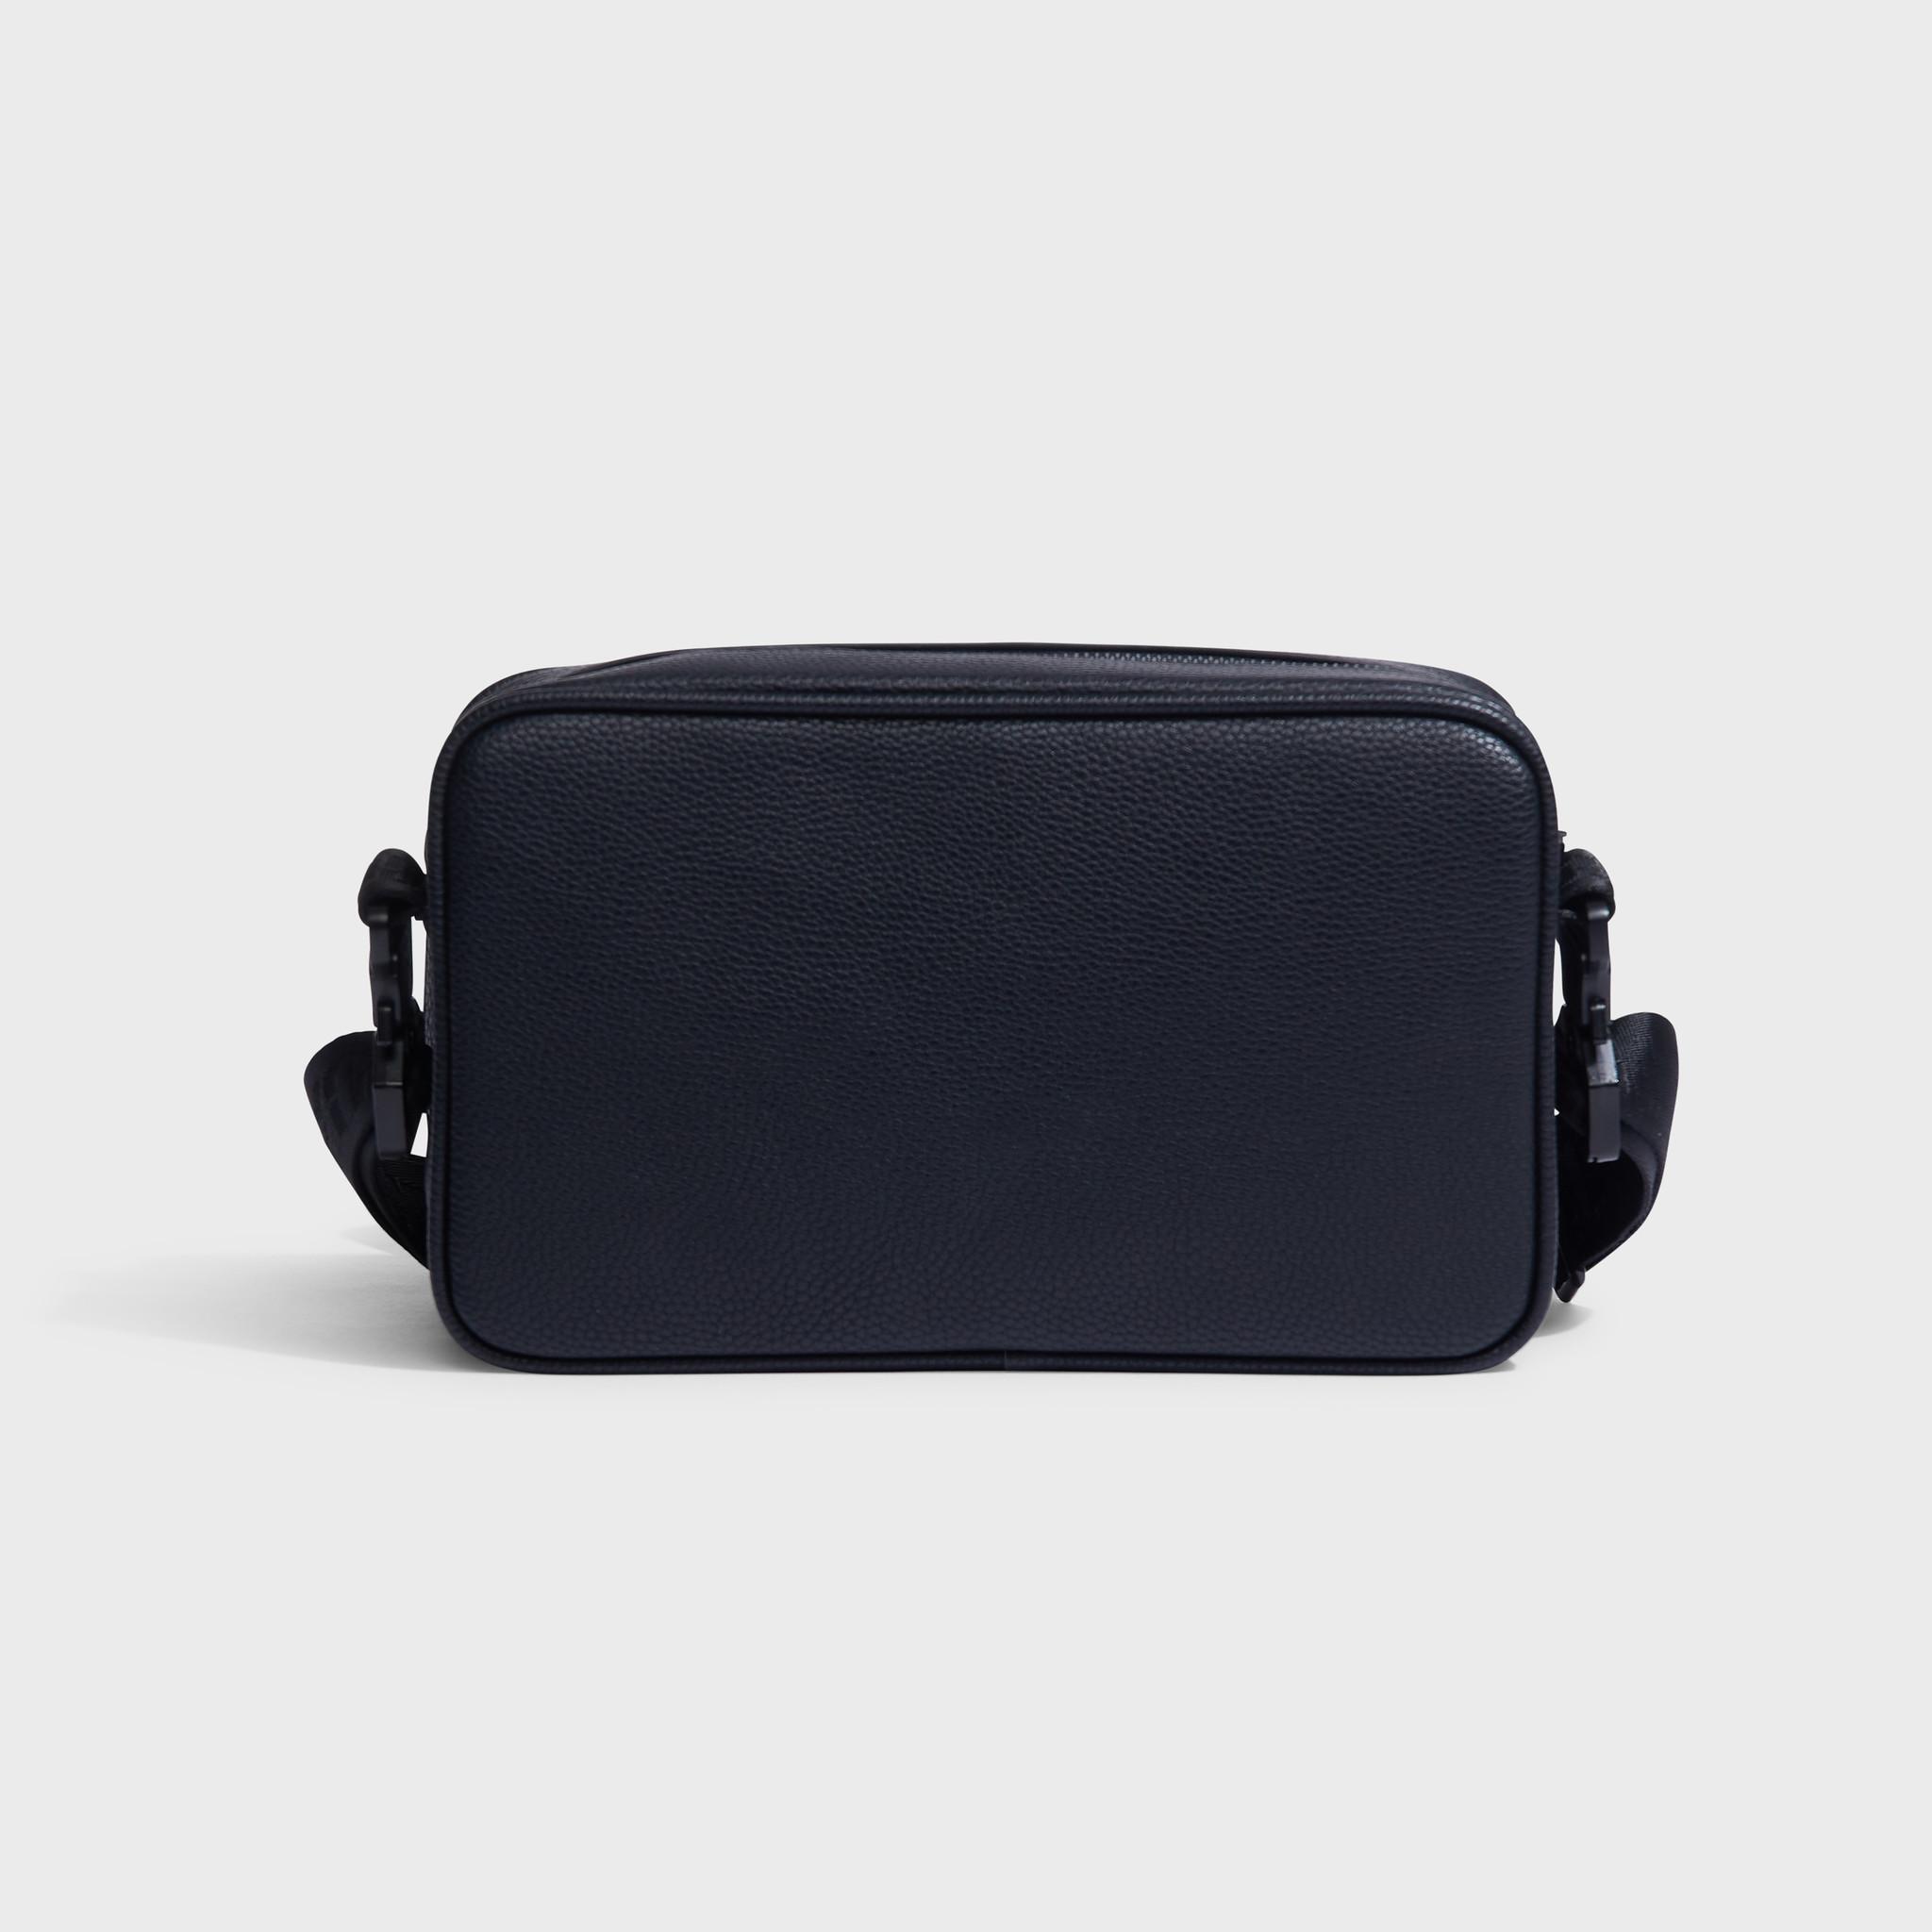 Pocket messengerbag black-2